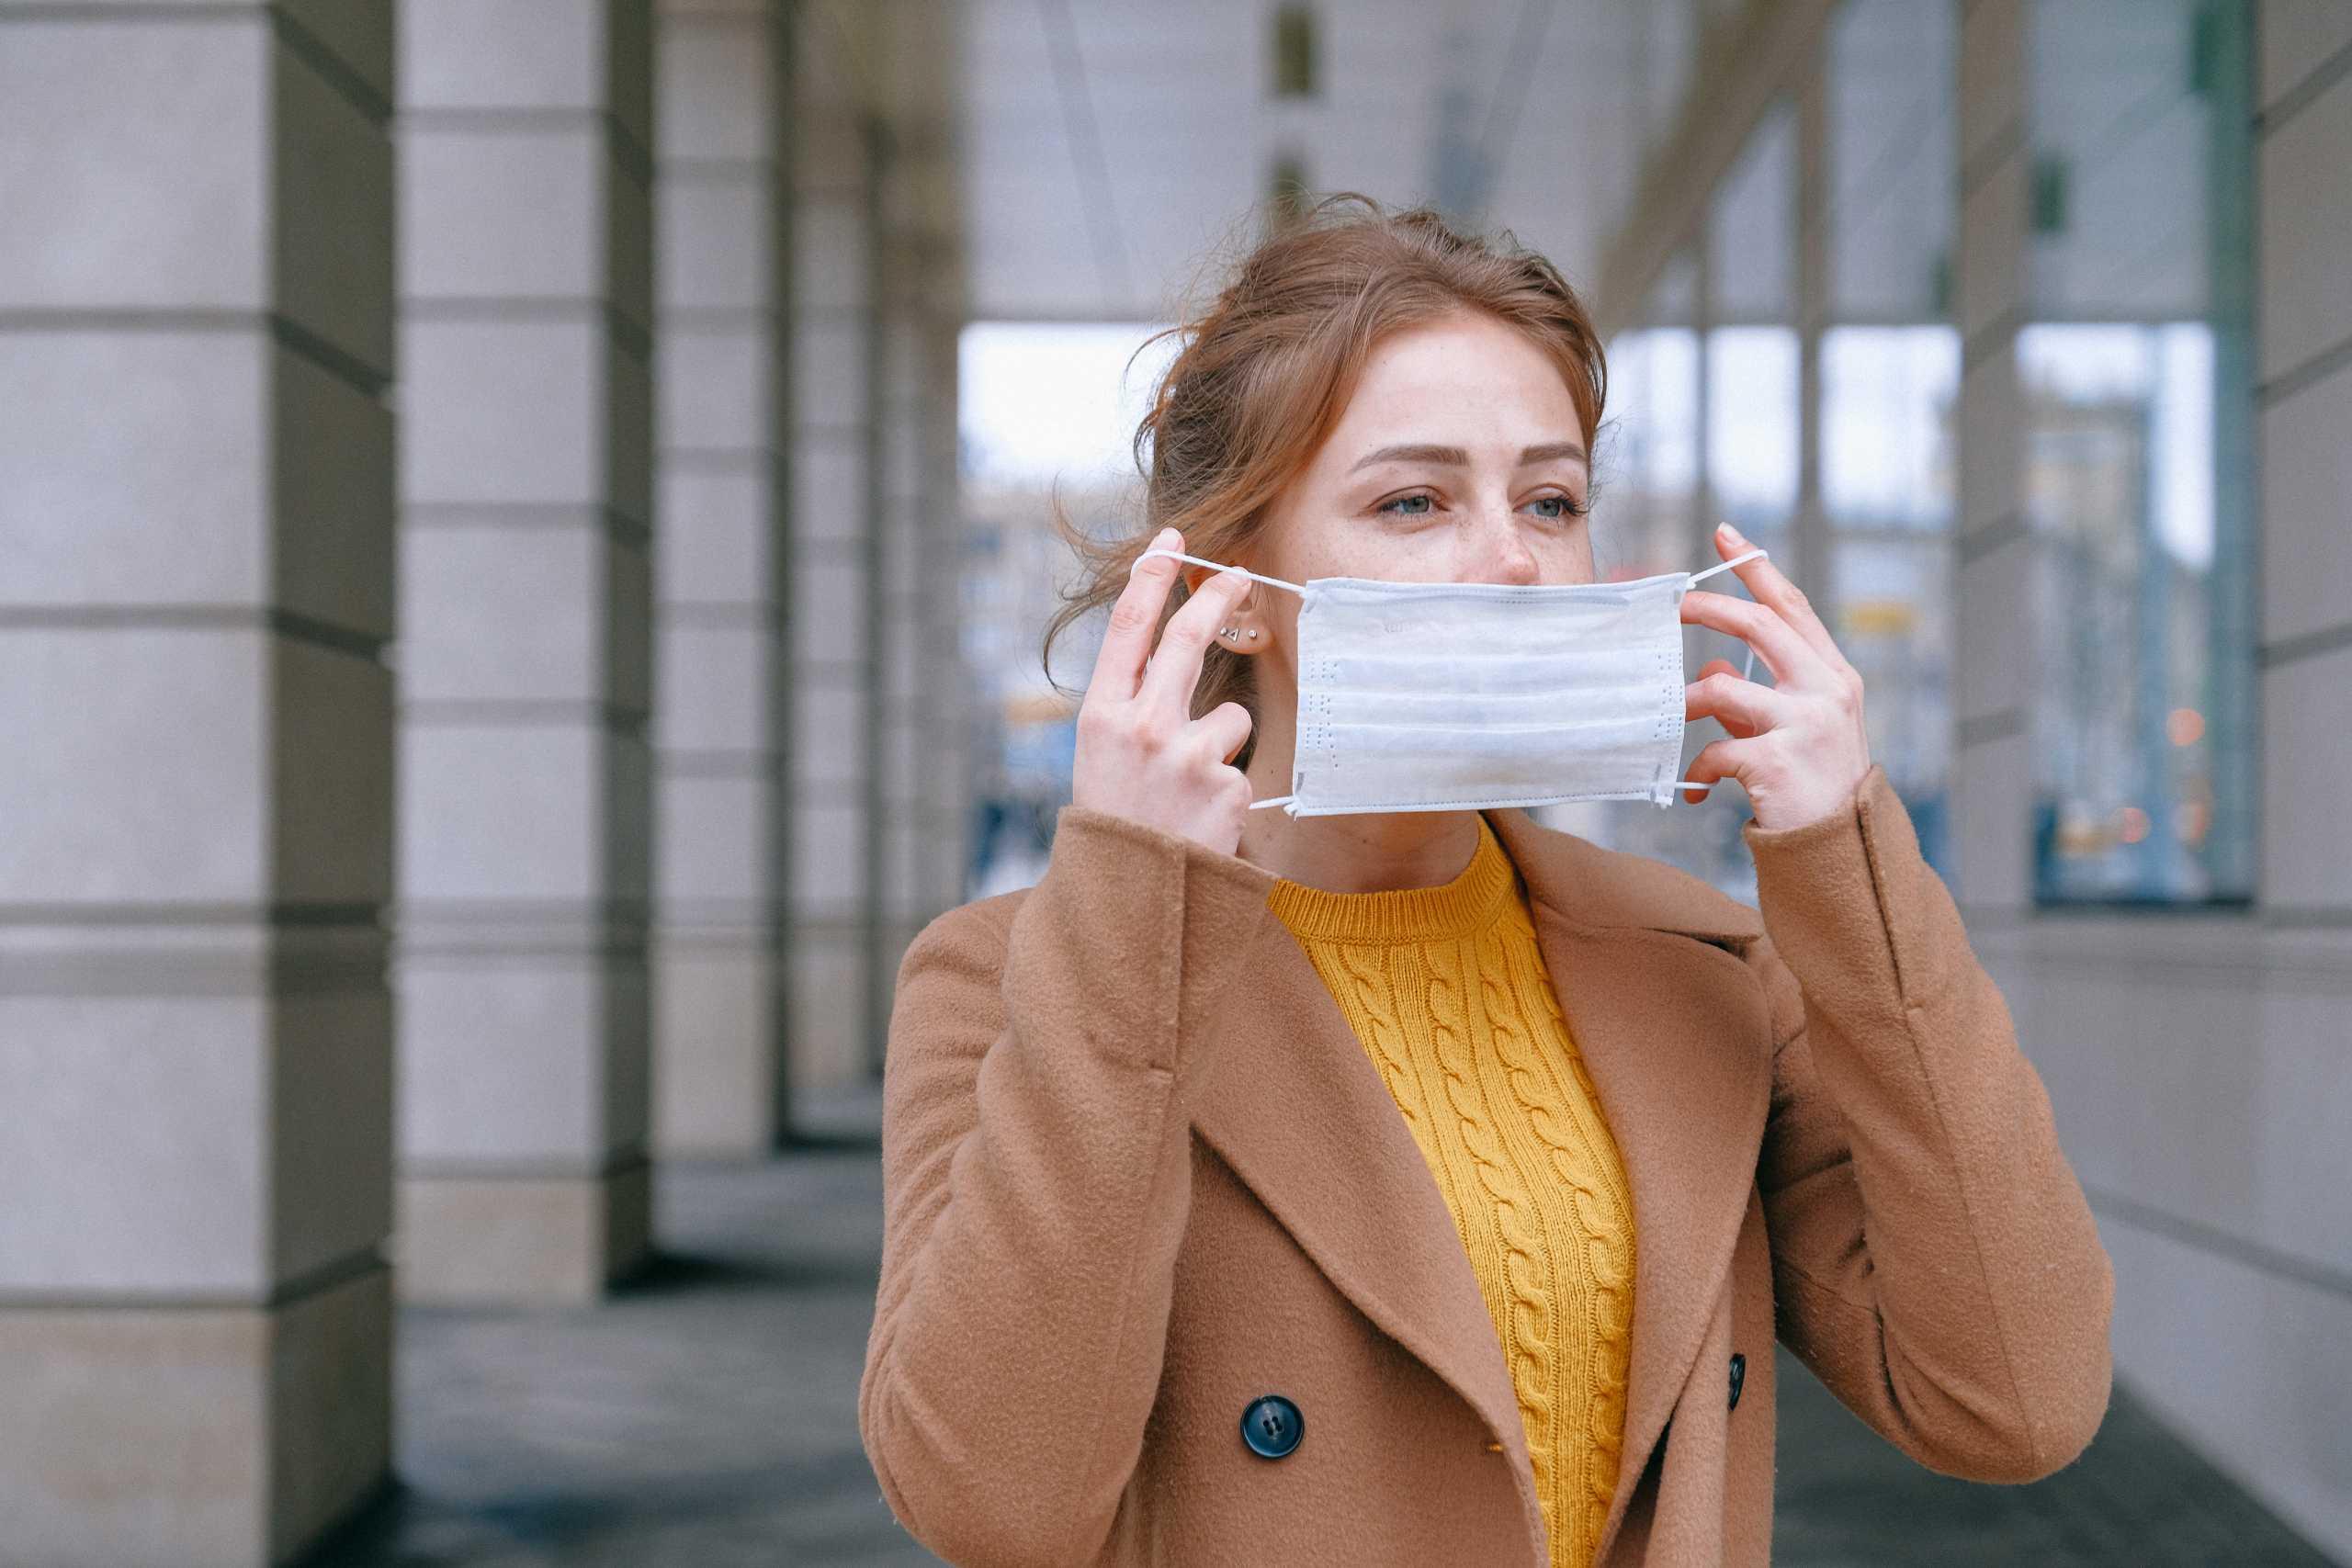 Đeo khẩu trang, ảnh minh hoạ Covid-19 _ Ảnh: pexels.com